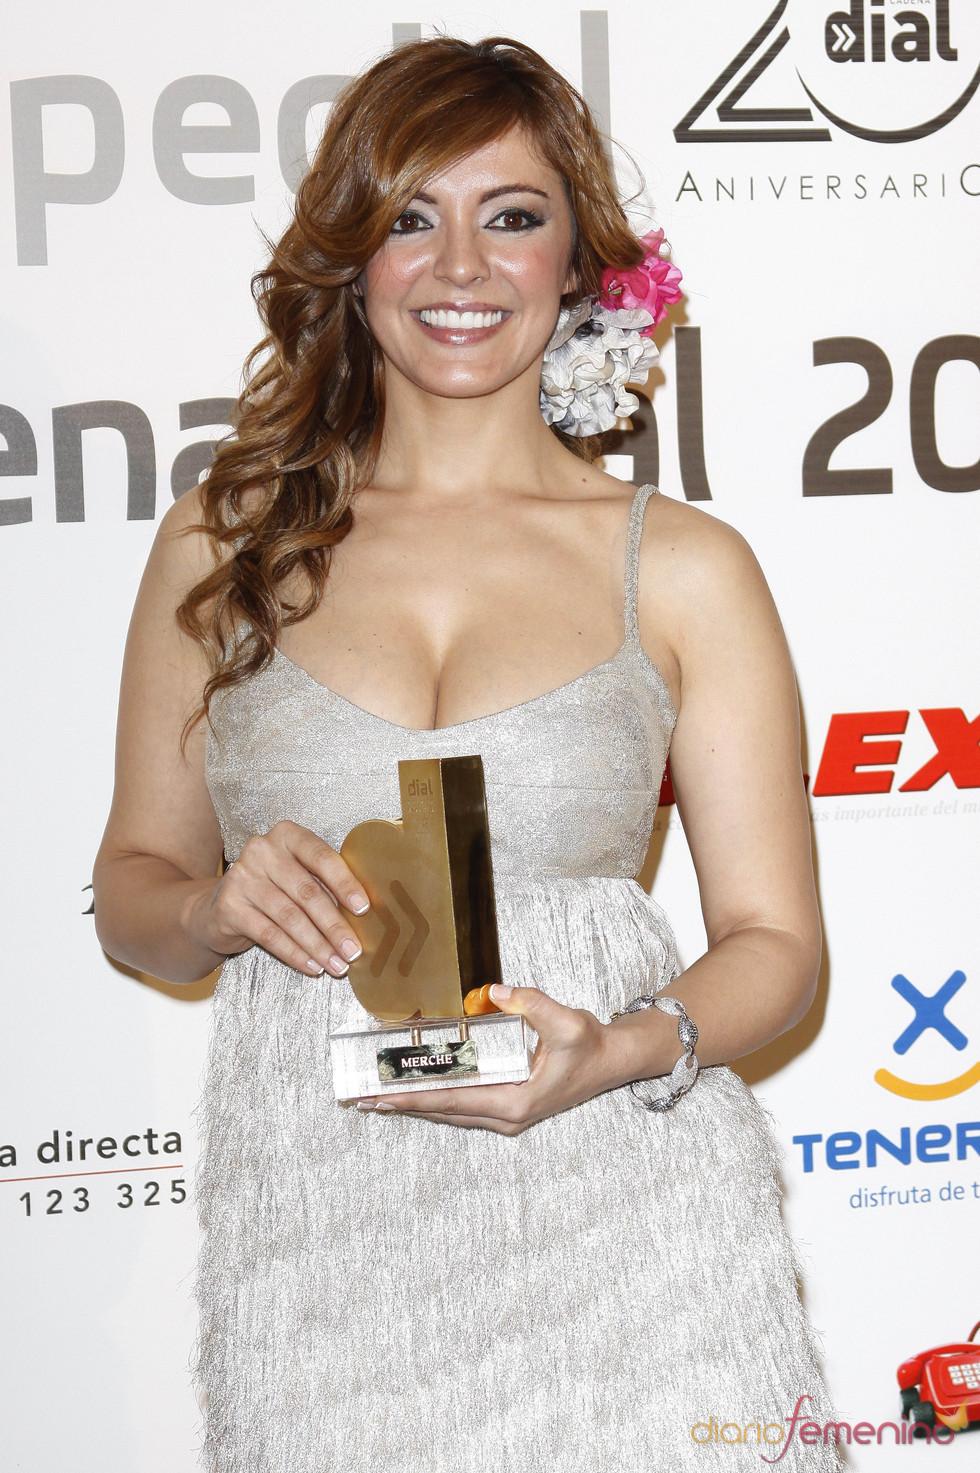 Merche en los Premios Cadena Dial 2011